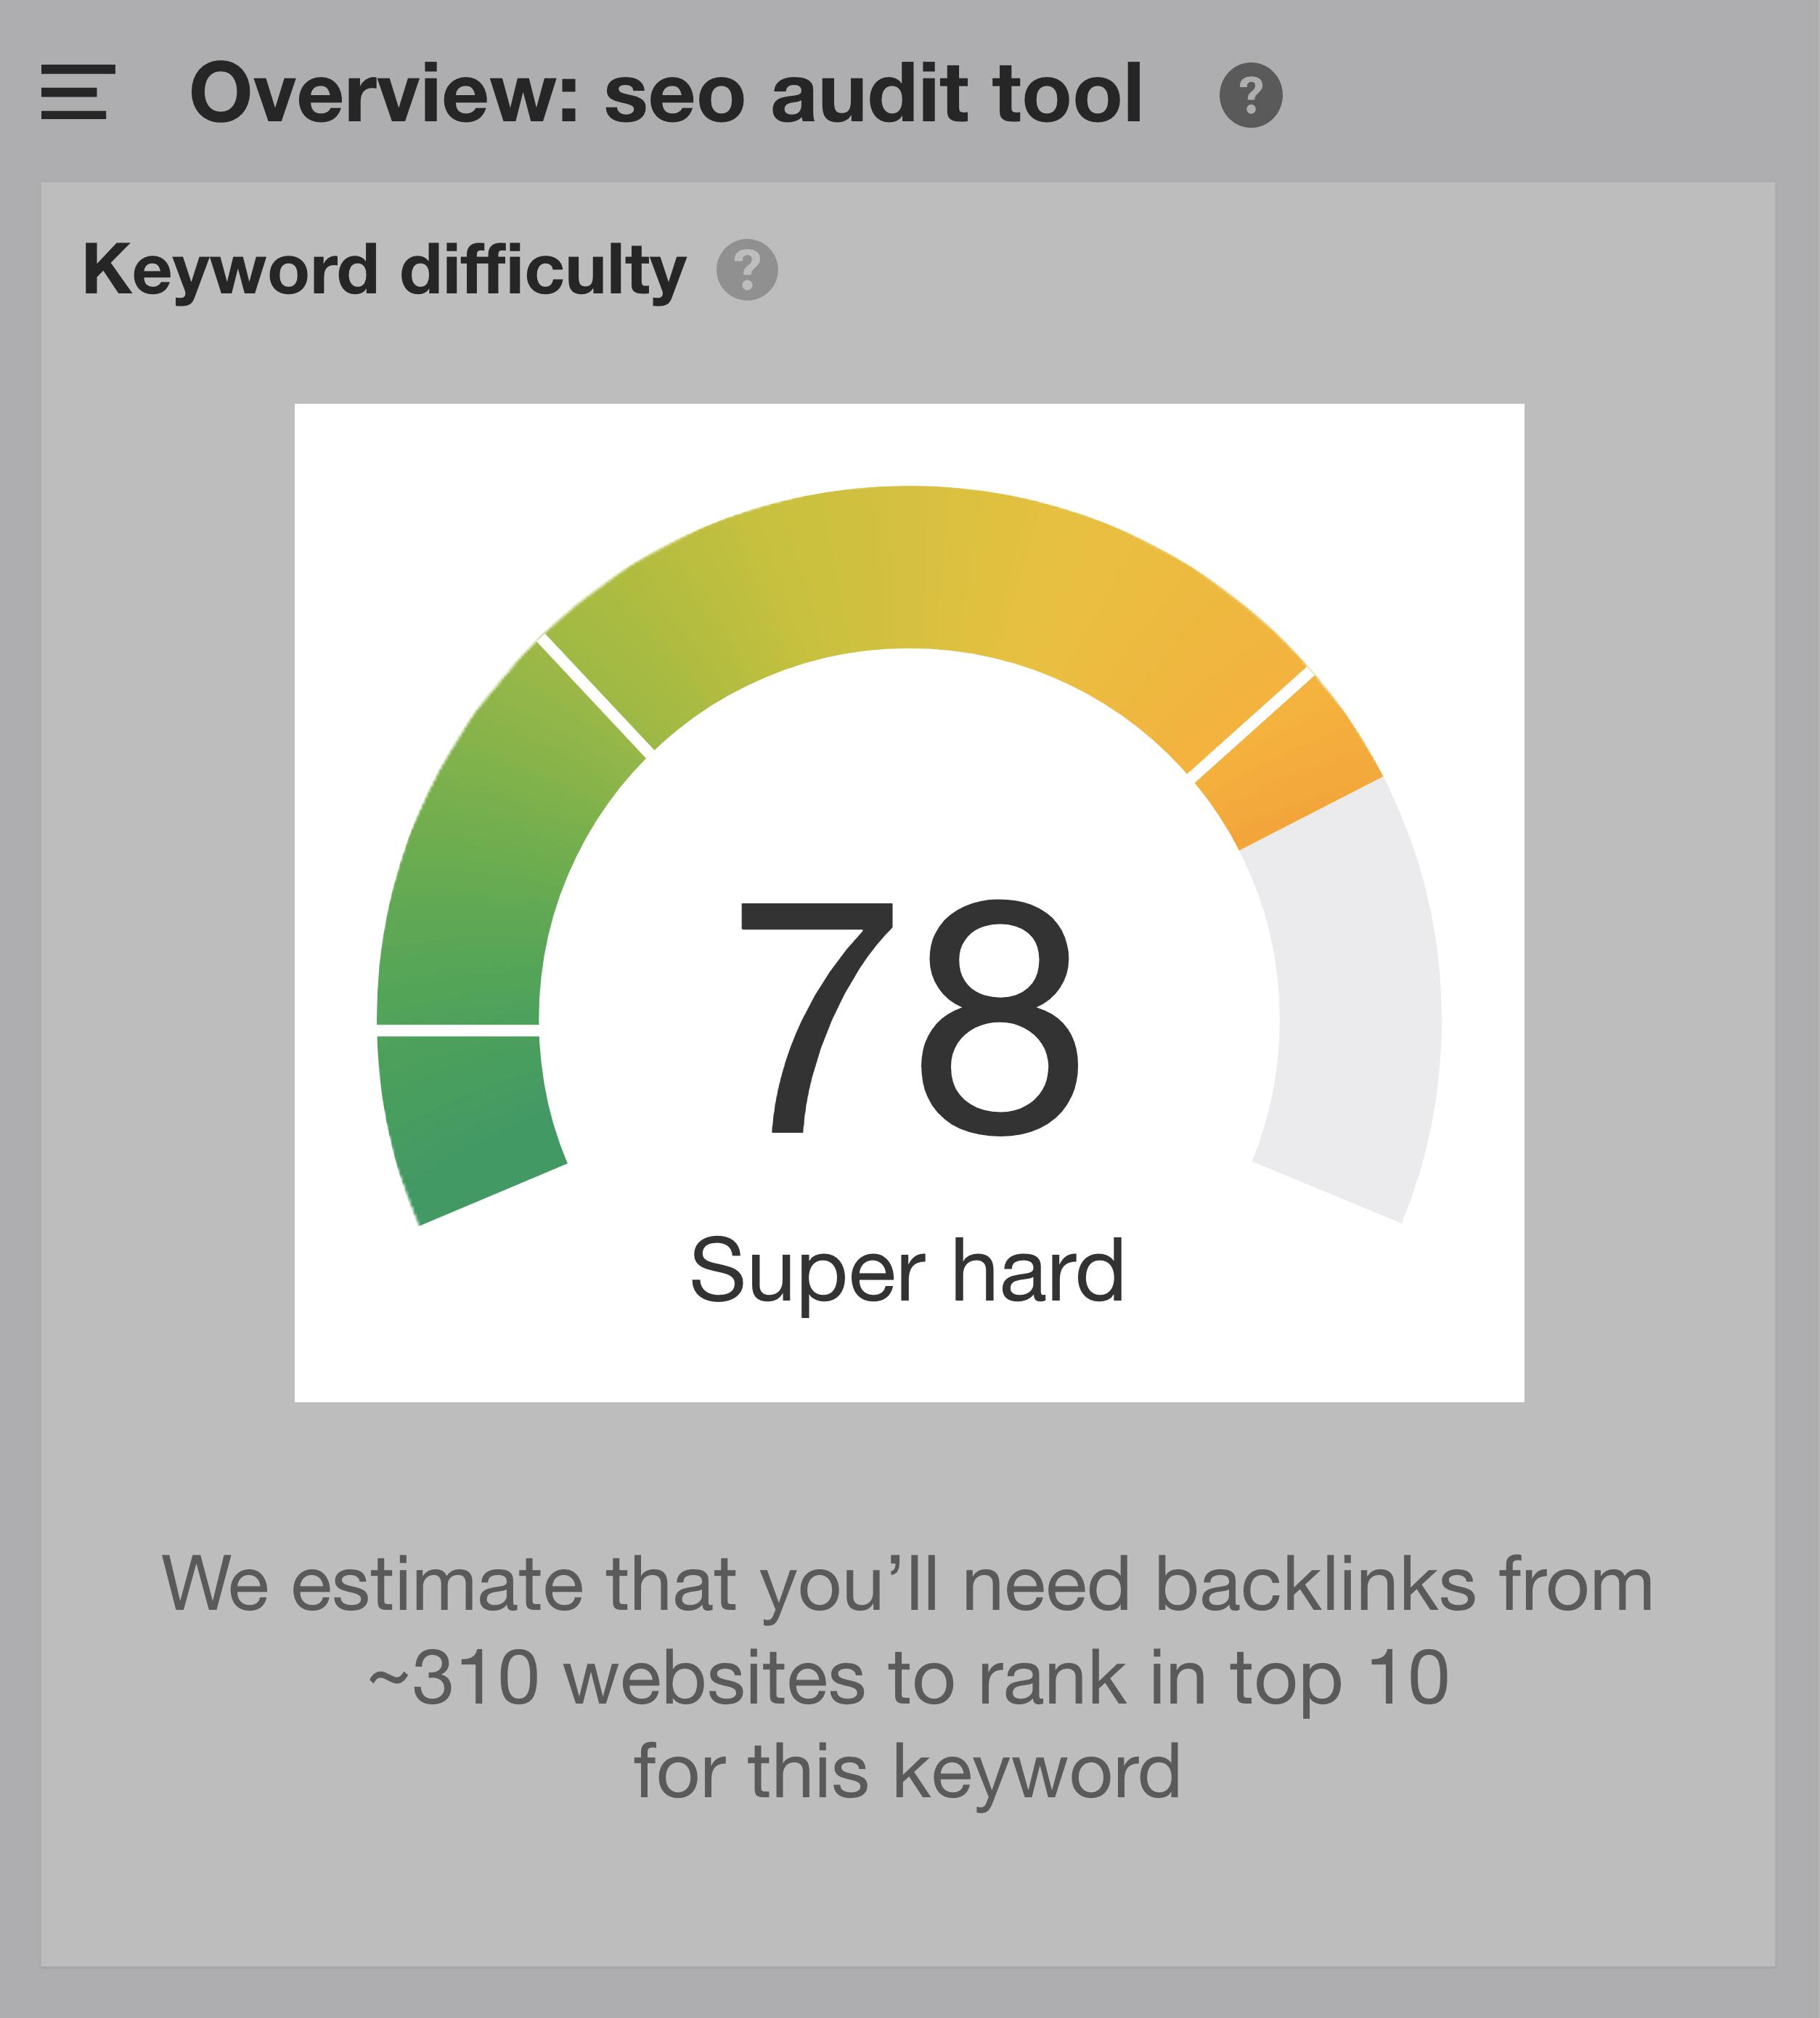 Ahrefs – SEO Audit Tool Keyword Difficulty